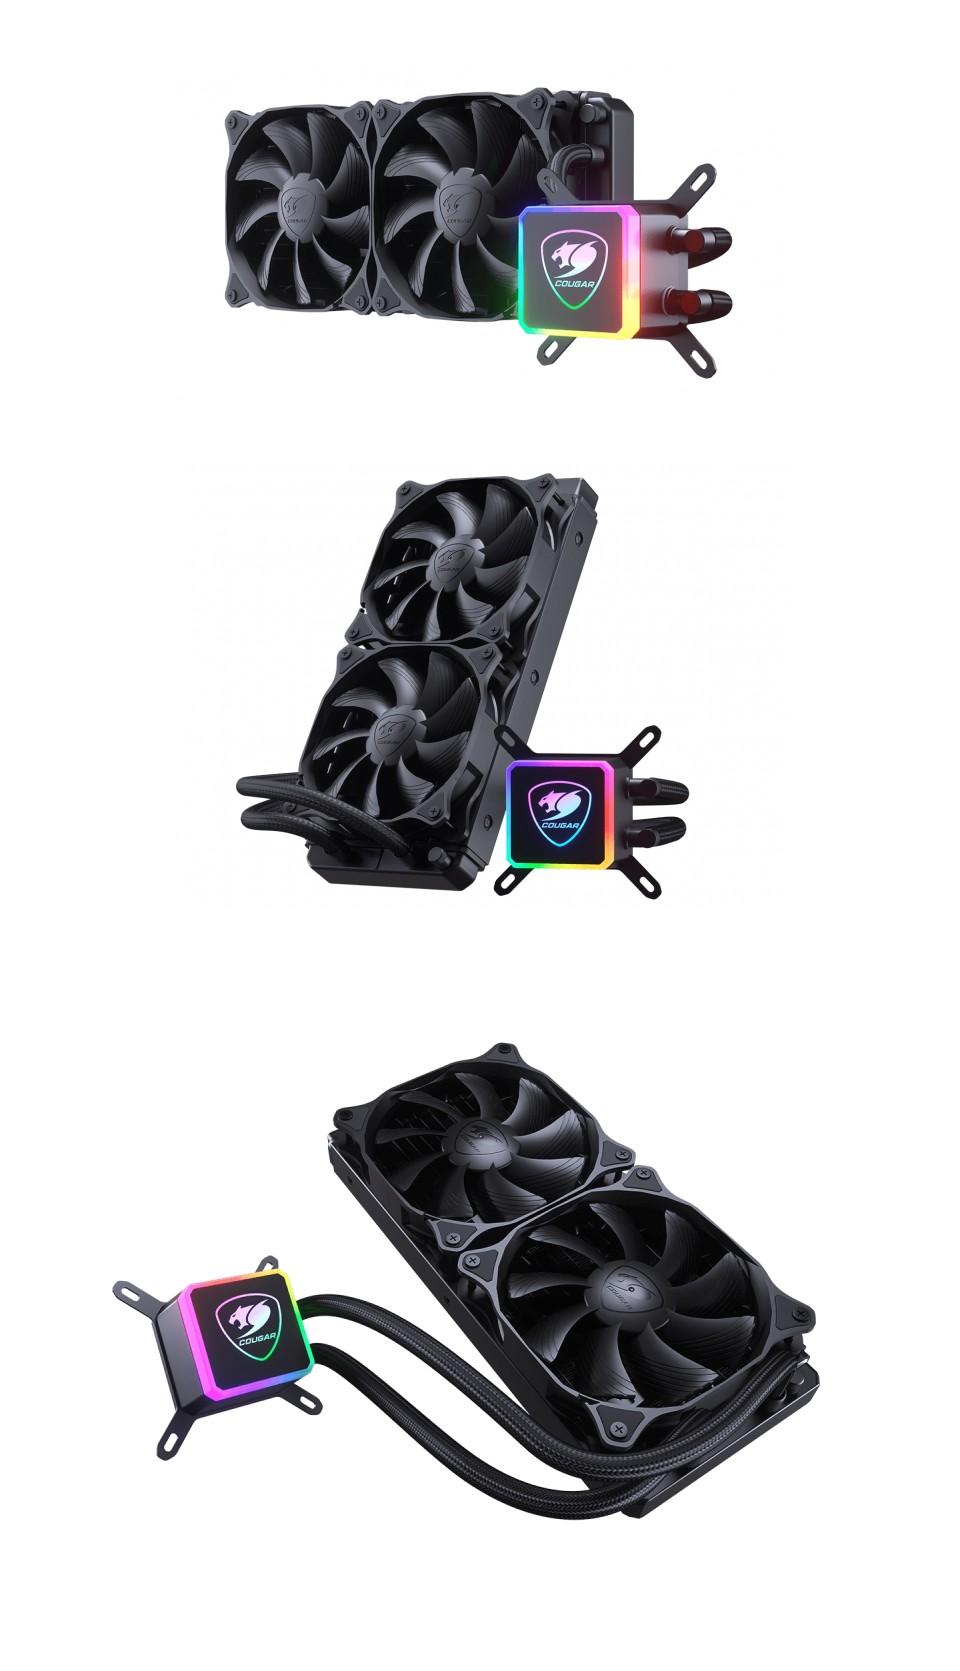 Cougar Aqua 240 ARGB AIO Liquid CPU Cooler product